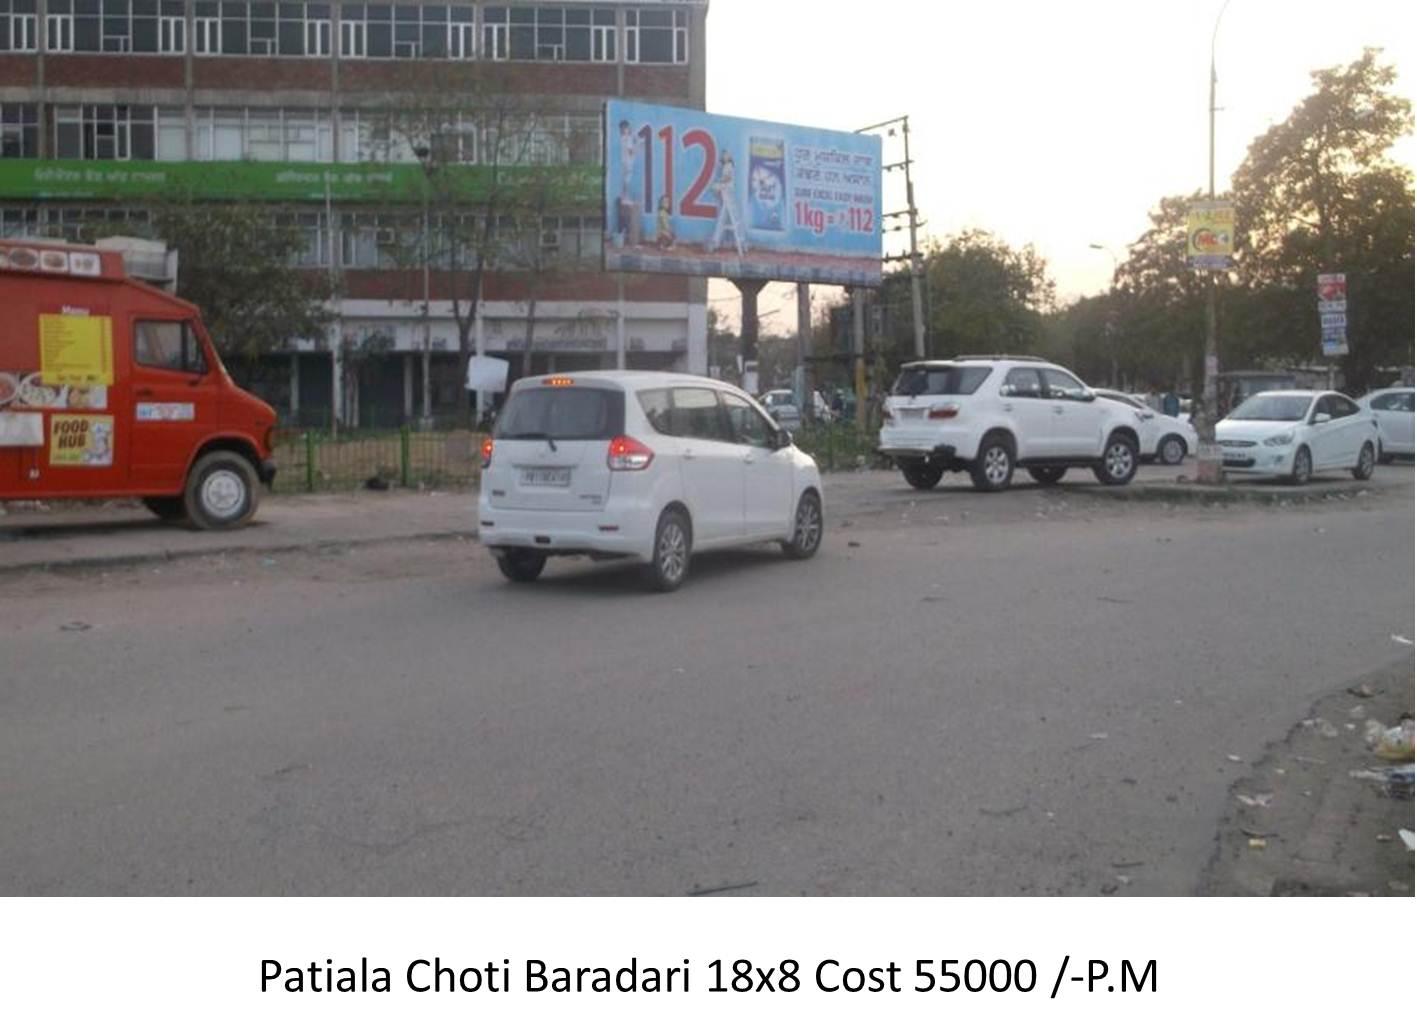 Chhoti Baradari, Patiala